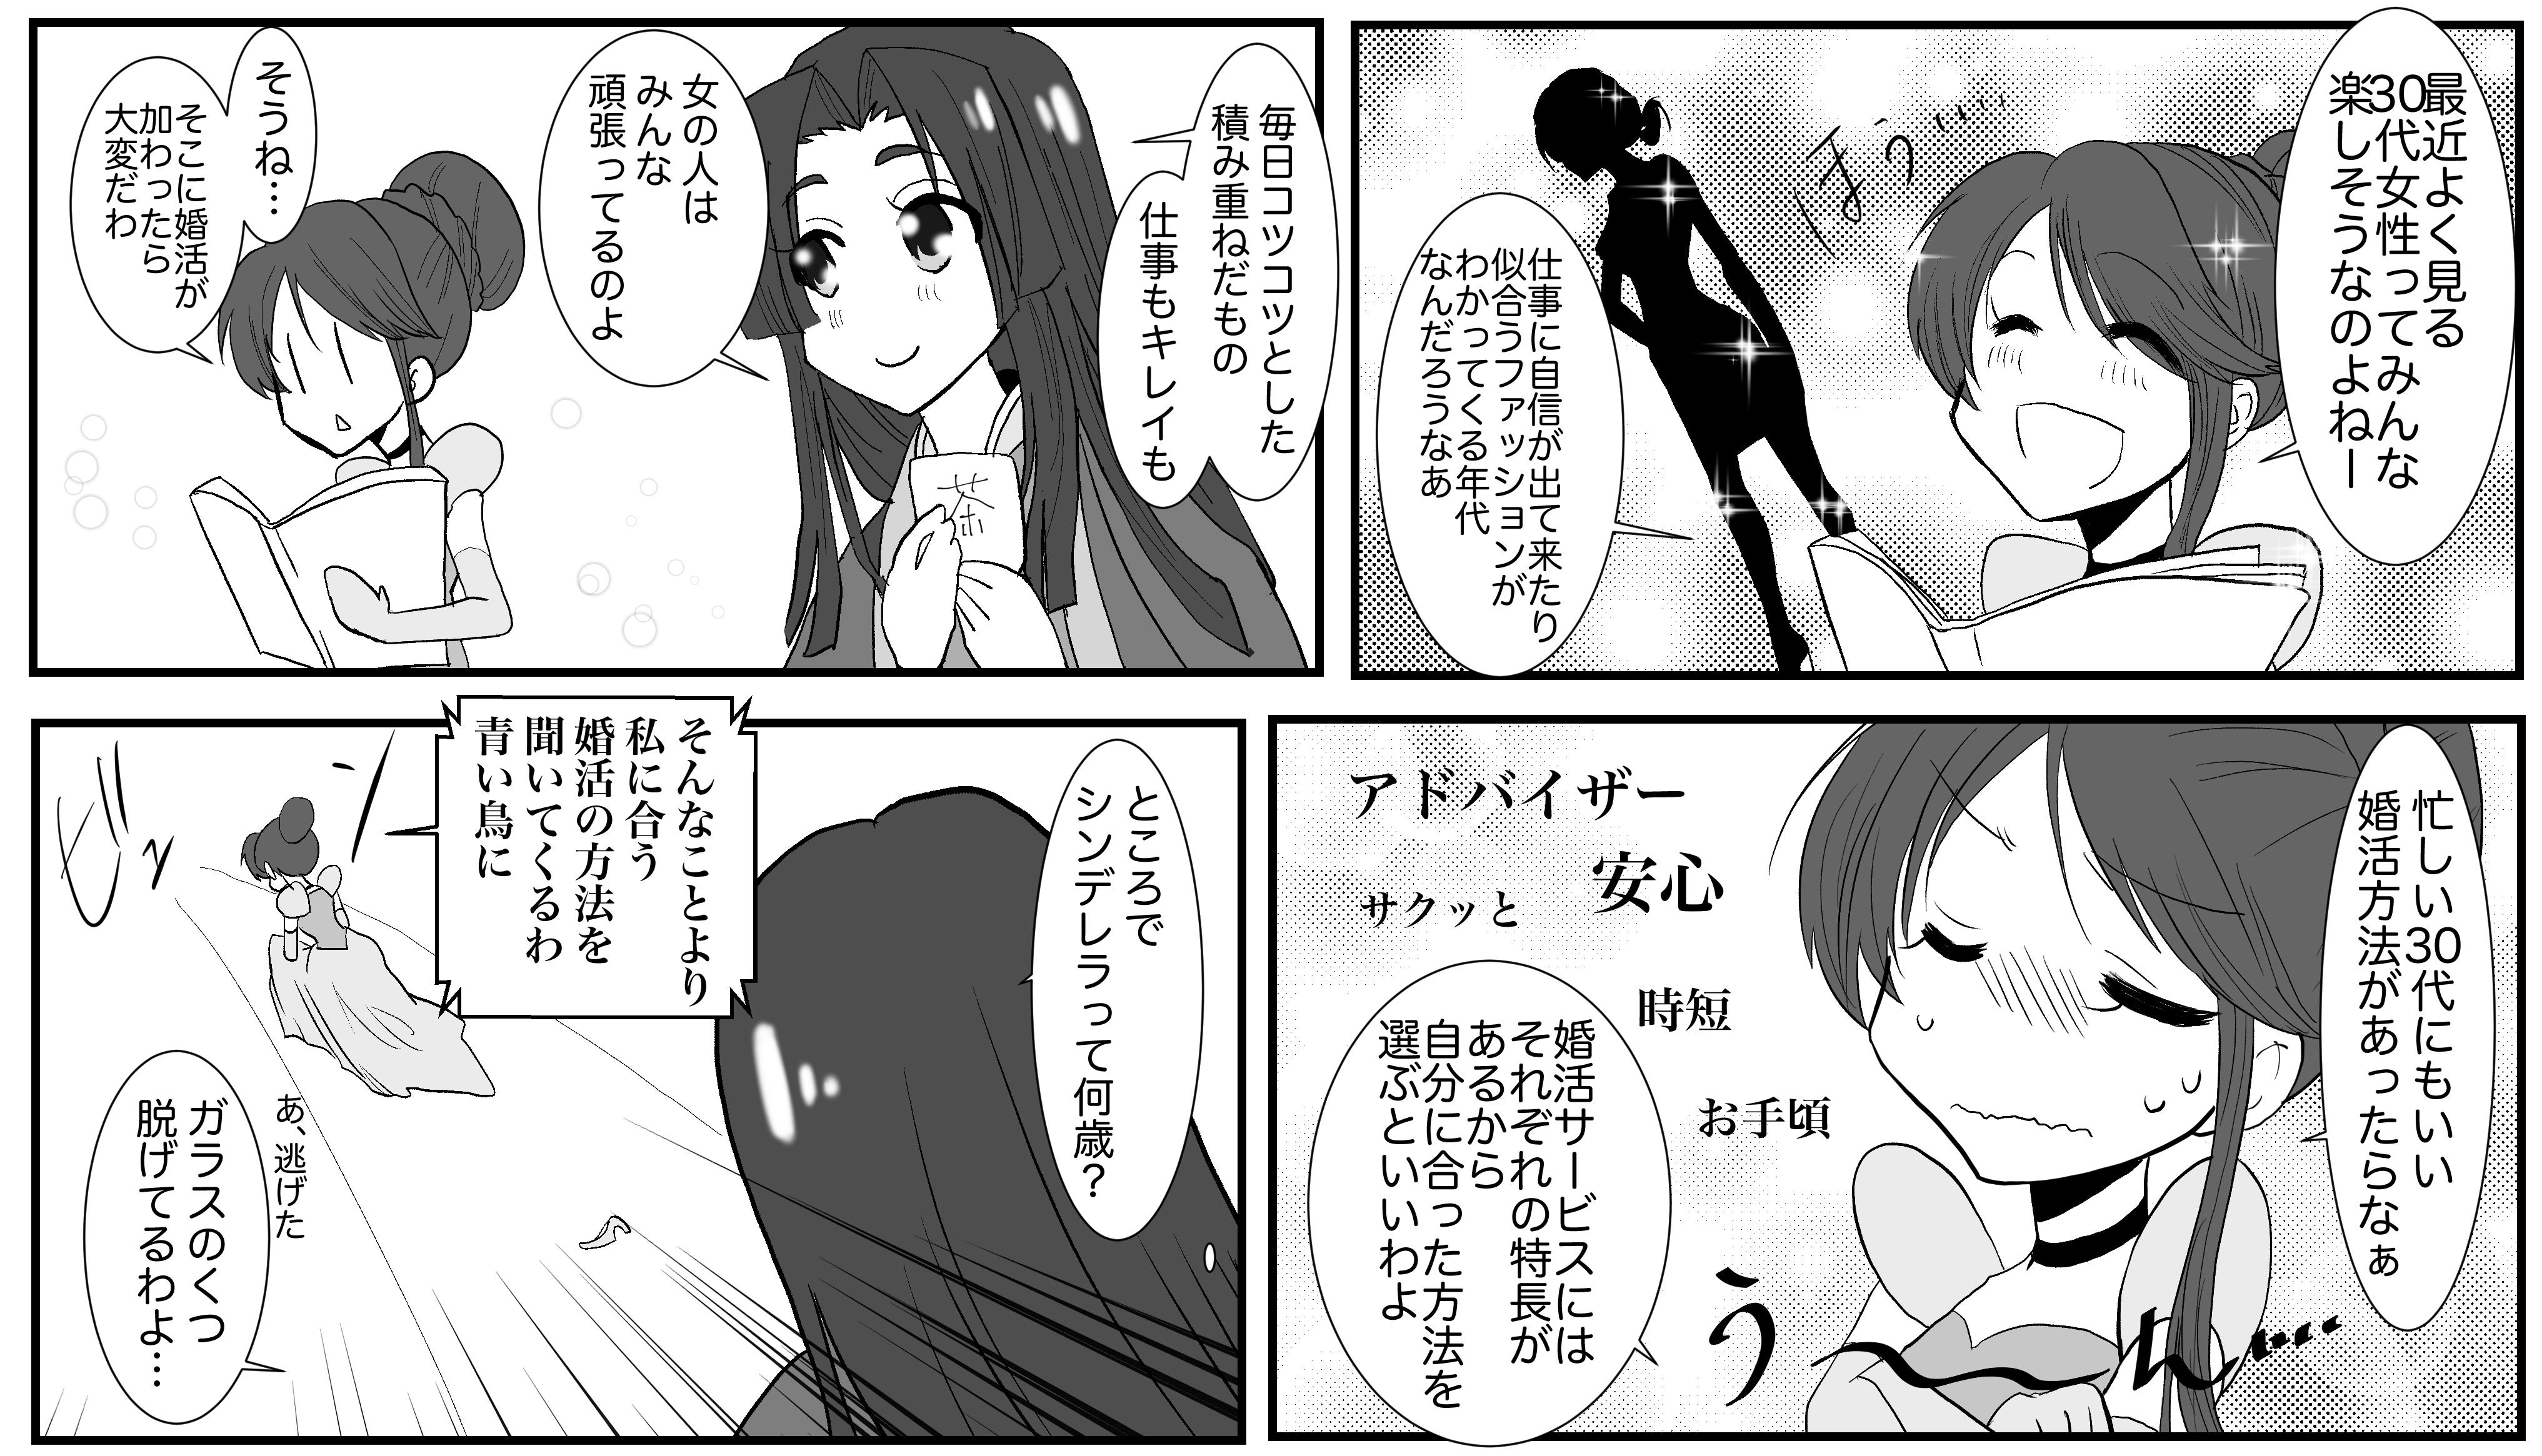 【婚活漫画】忙しくて出会いがないシンデレラ④